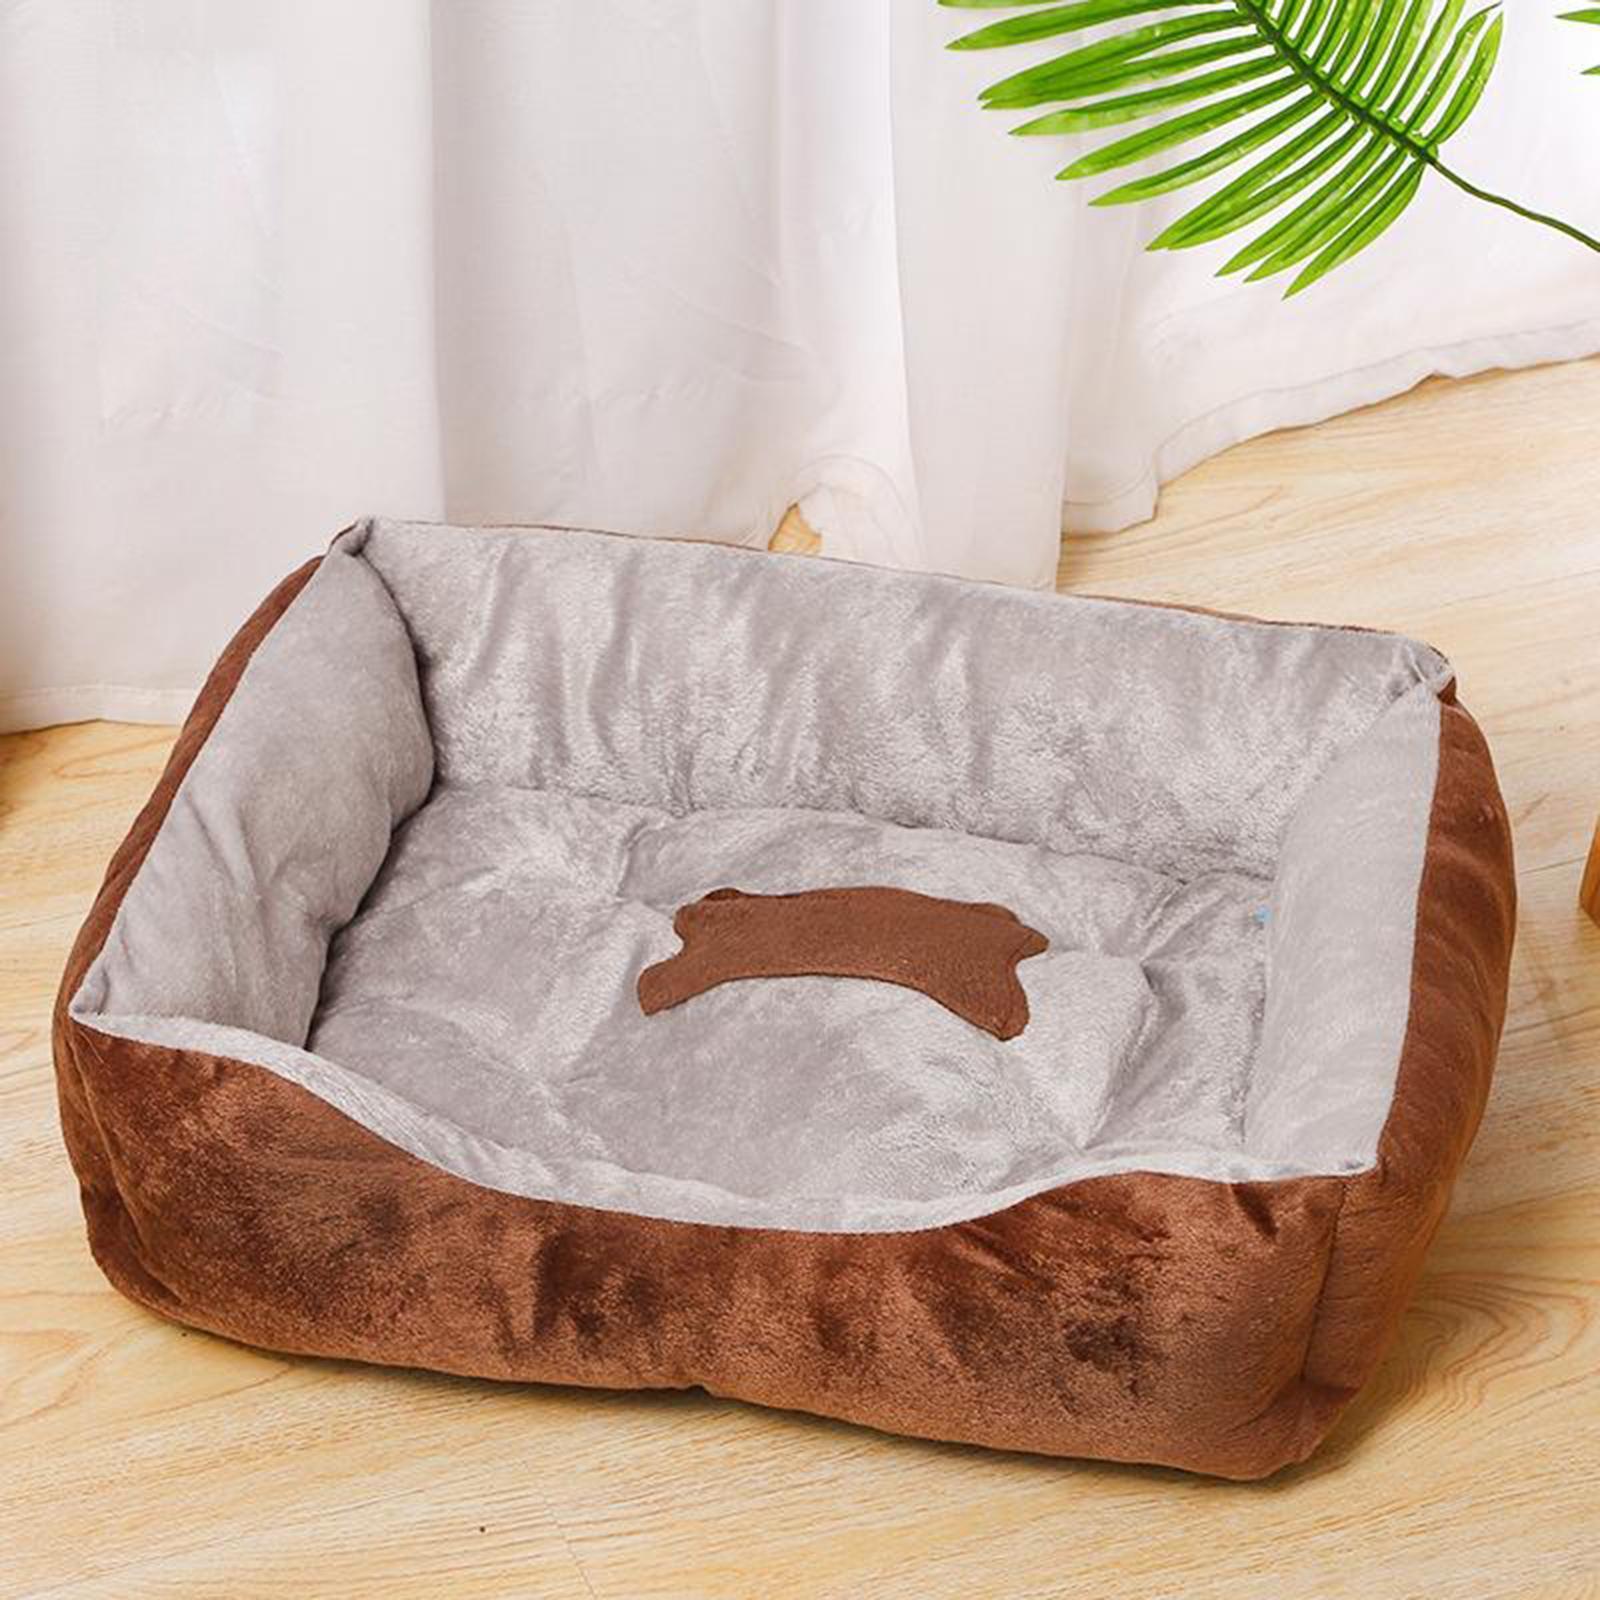 Indexbild 40 - Katze-Hund-Bett-Pet-Kissen-Betten-Haus-Schlaf-Soft-Warmen-Zwinger-Decke-Nest